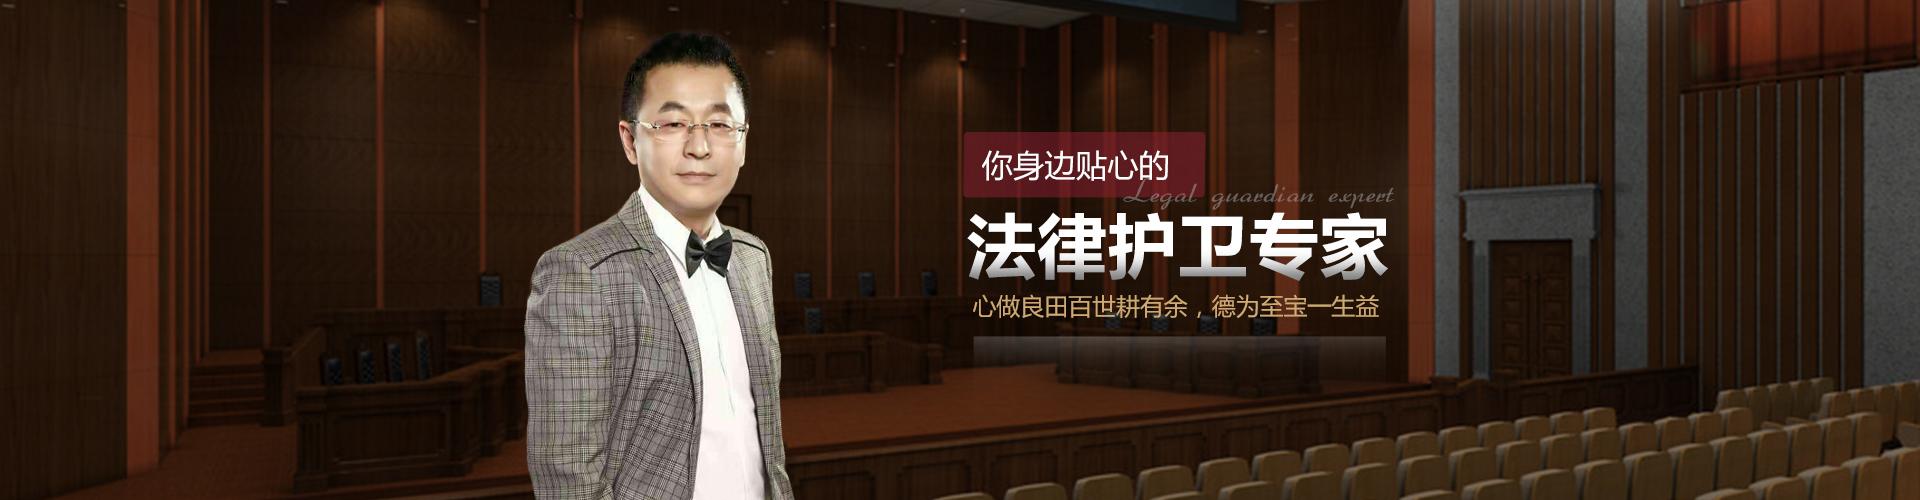 黑龙江王力波律师照片3